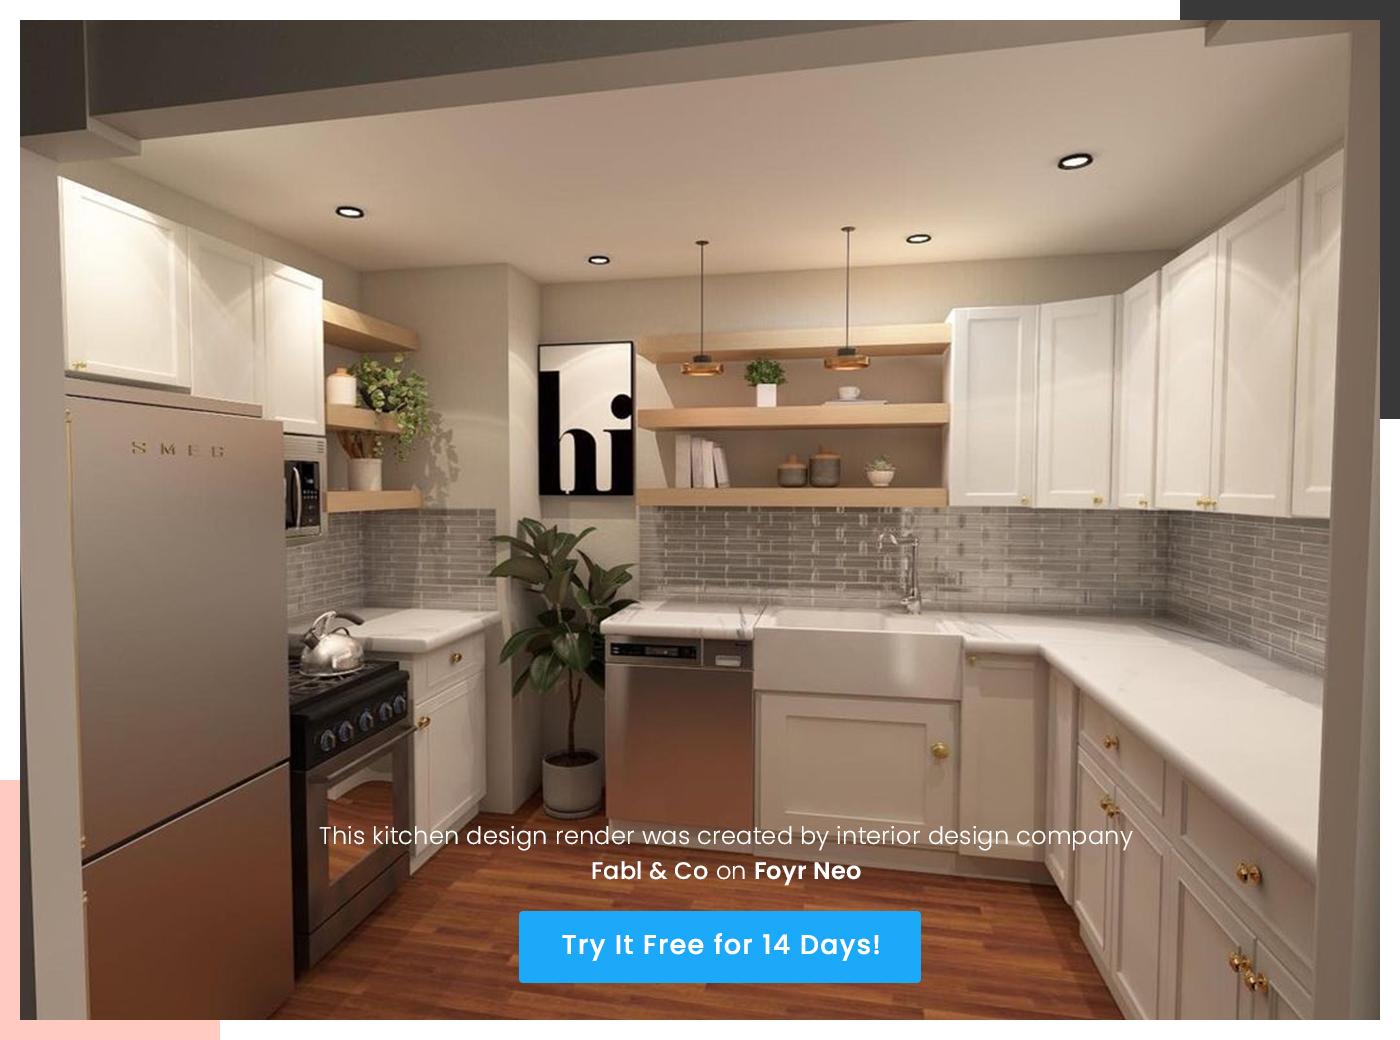 9 Best Kitchen Design Software of 9 [Free & Paid]   Foyr